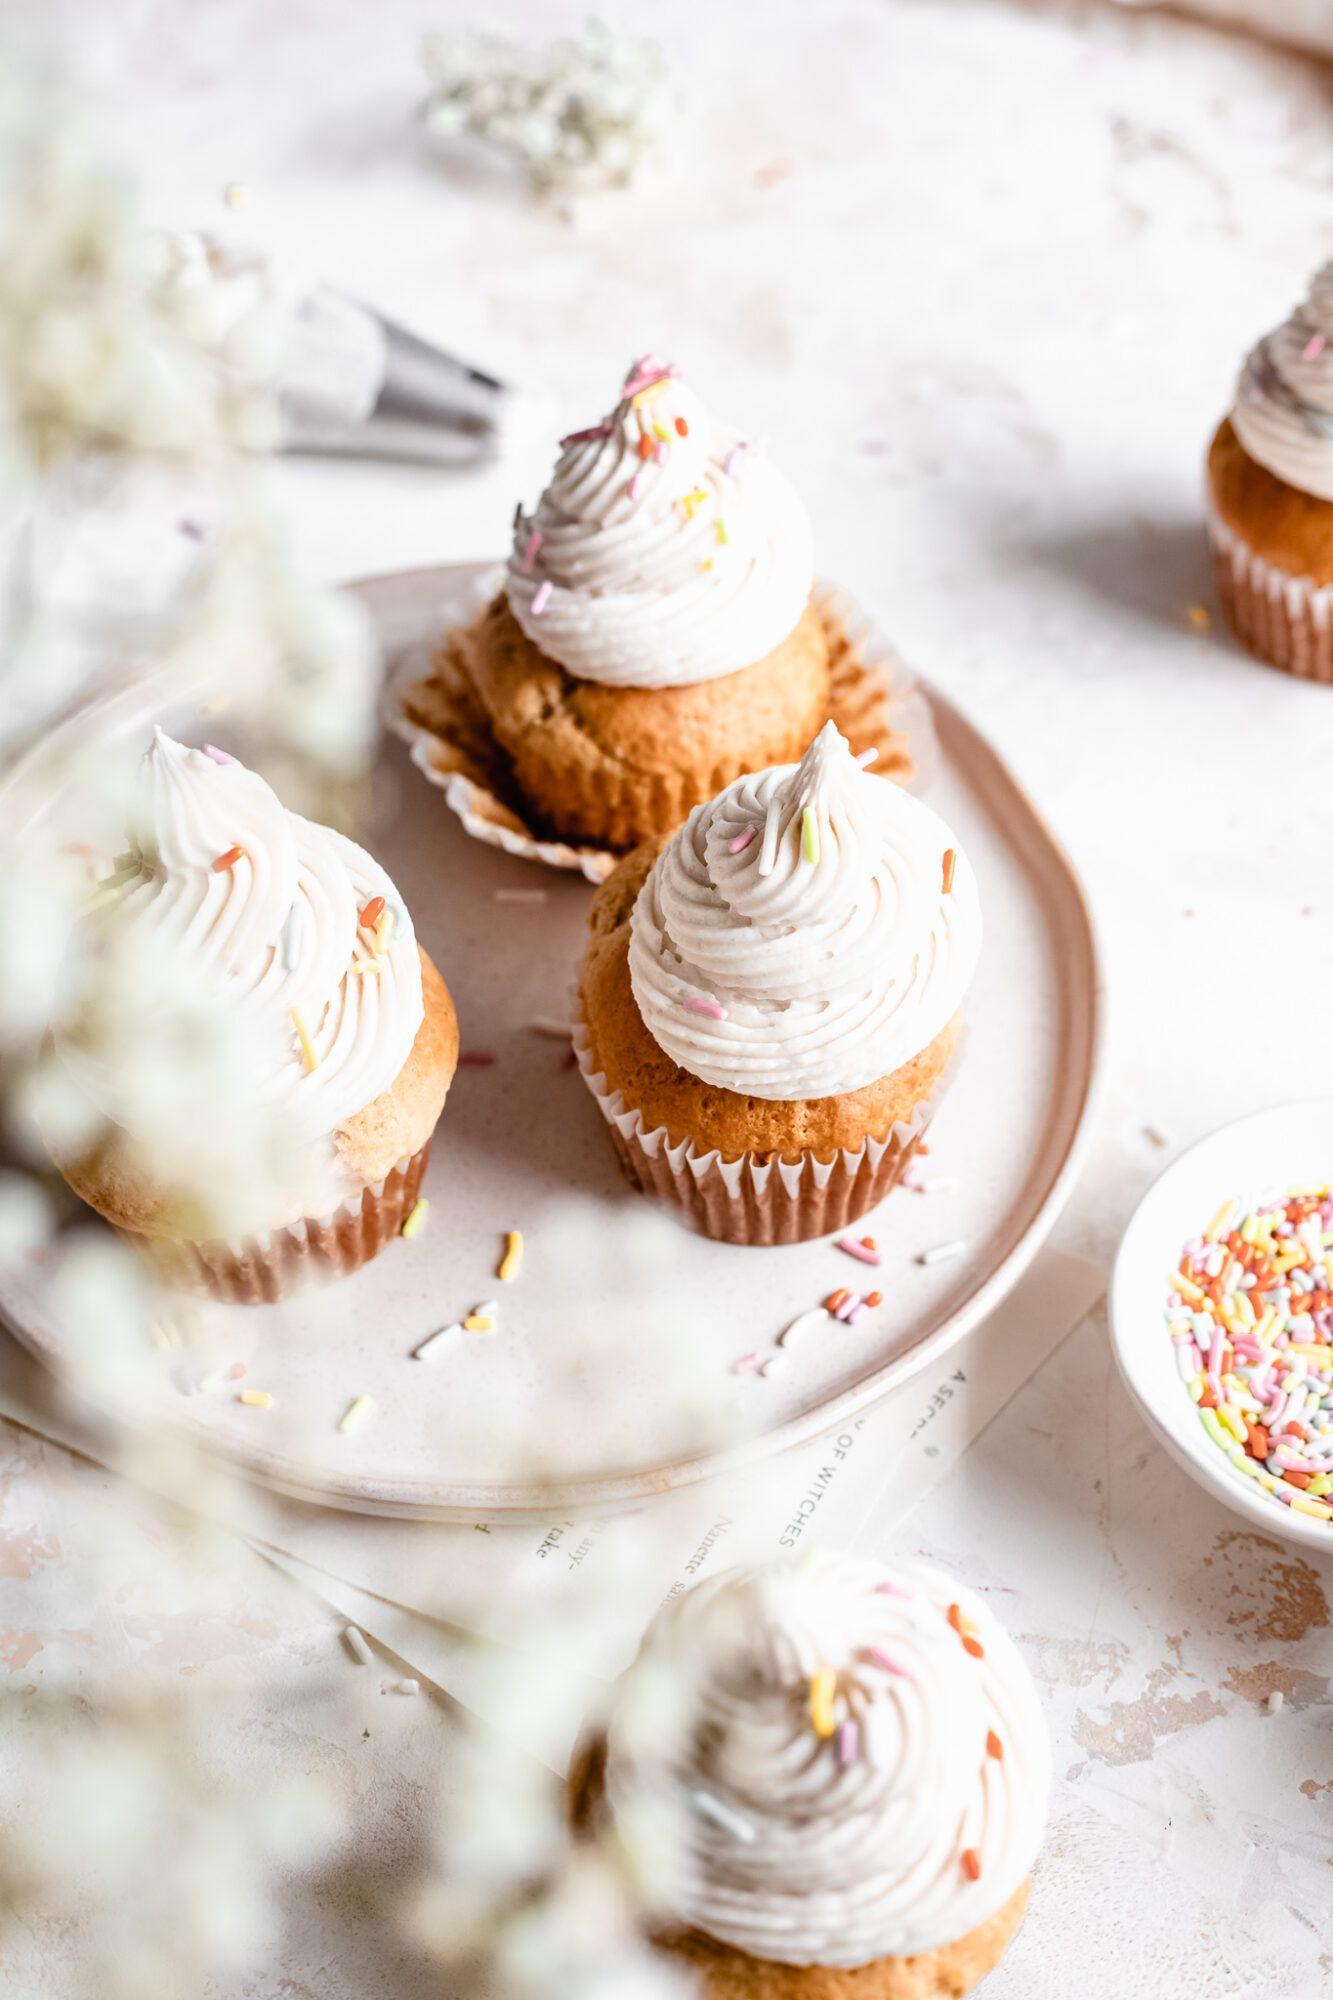 The Best Vegan Vanilla Cupcakes The Banana Diaries Recipe In 2020 Vegan Vanilla Cupcakes Vegan Frosting Gluten Free Vanilla